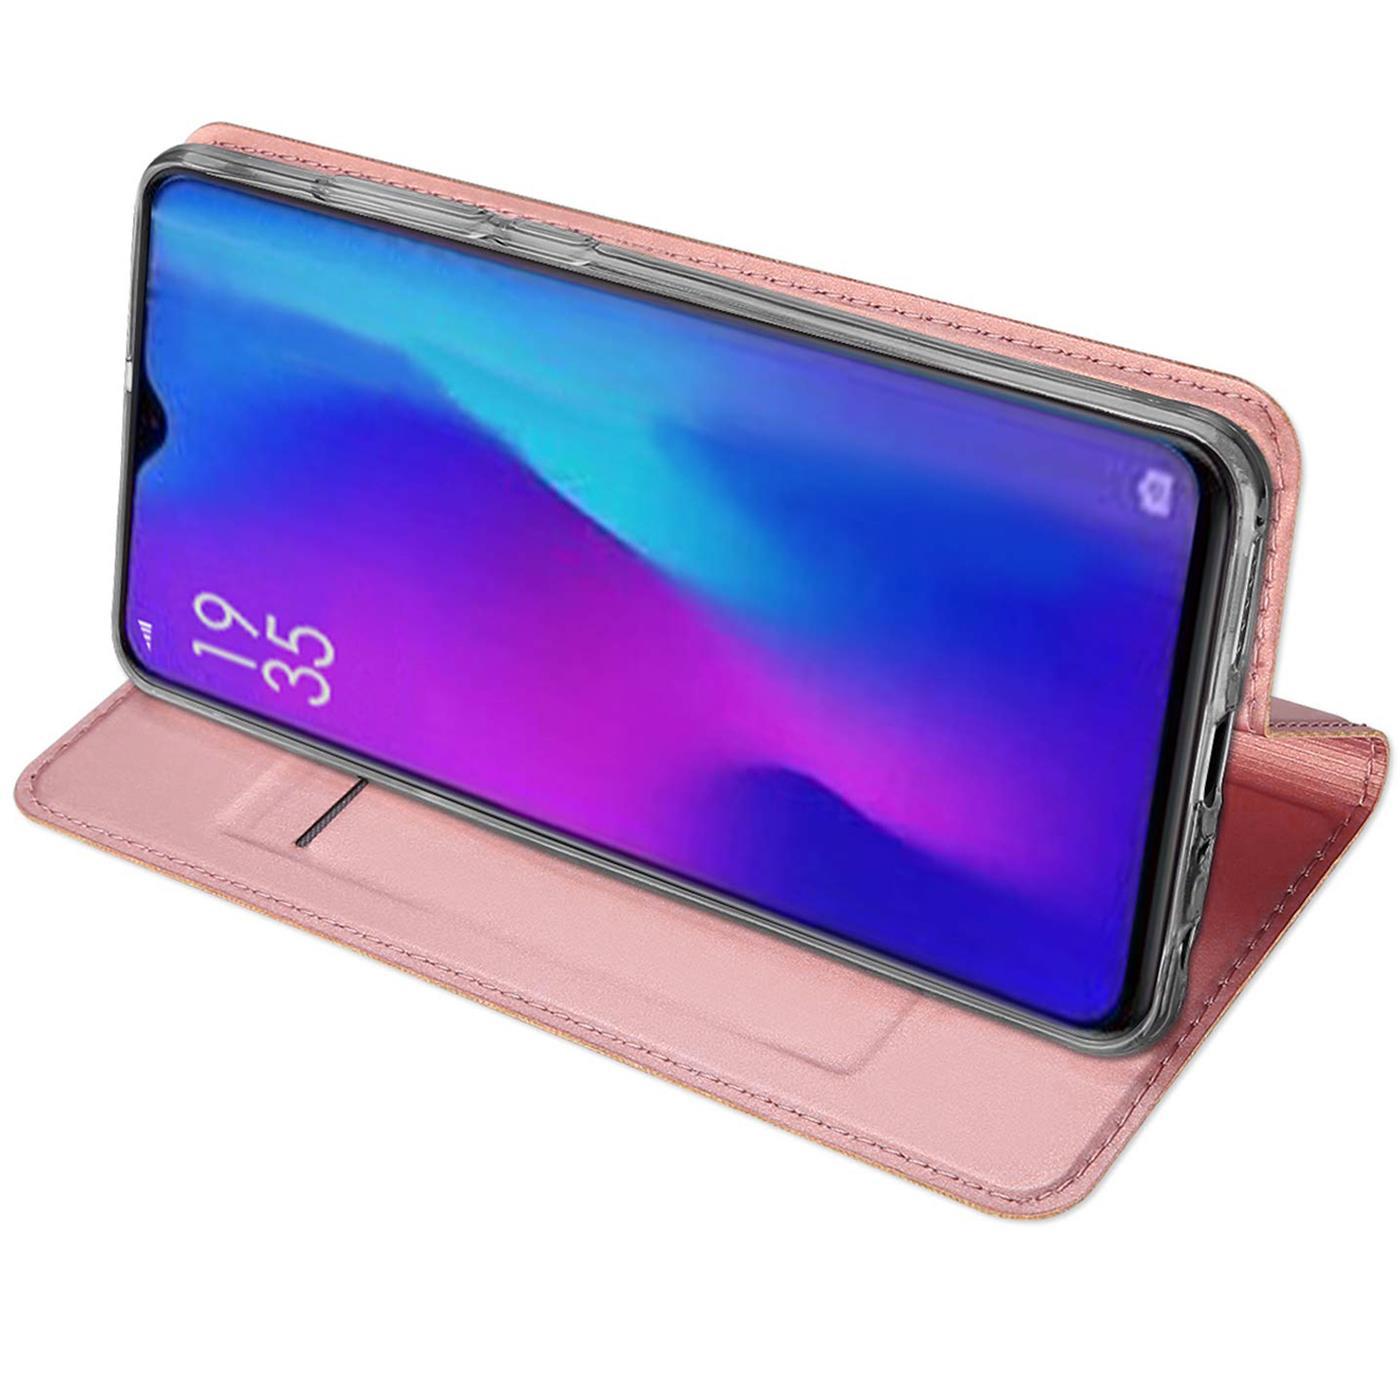 Huawei-P30-Lite-Schutz-Huelle-Handy-Tasche-Flip-Case-Book-Cover-Case-Etui-Bumper Indexbild 18